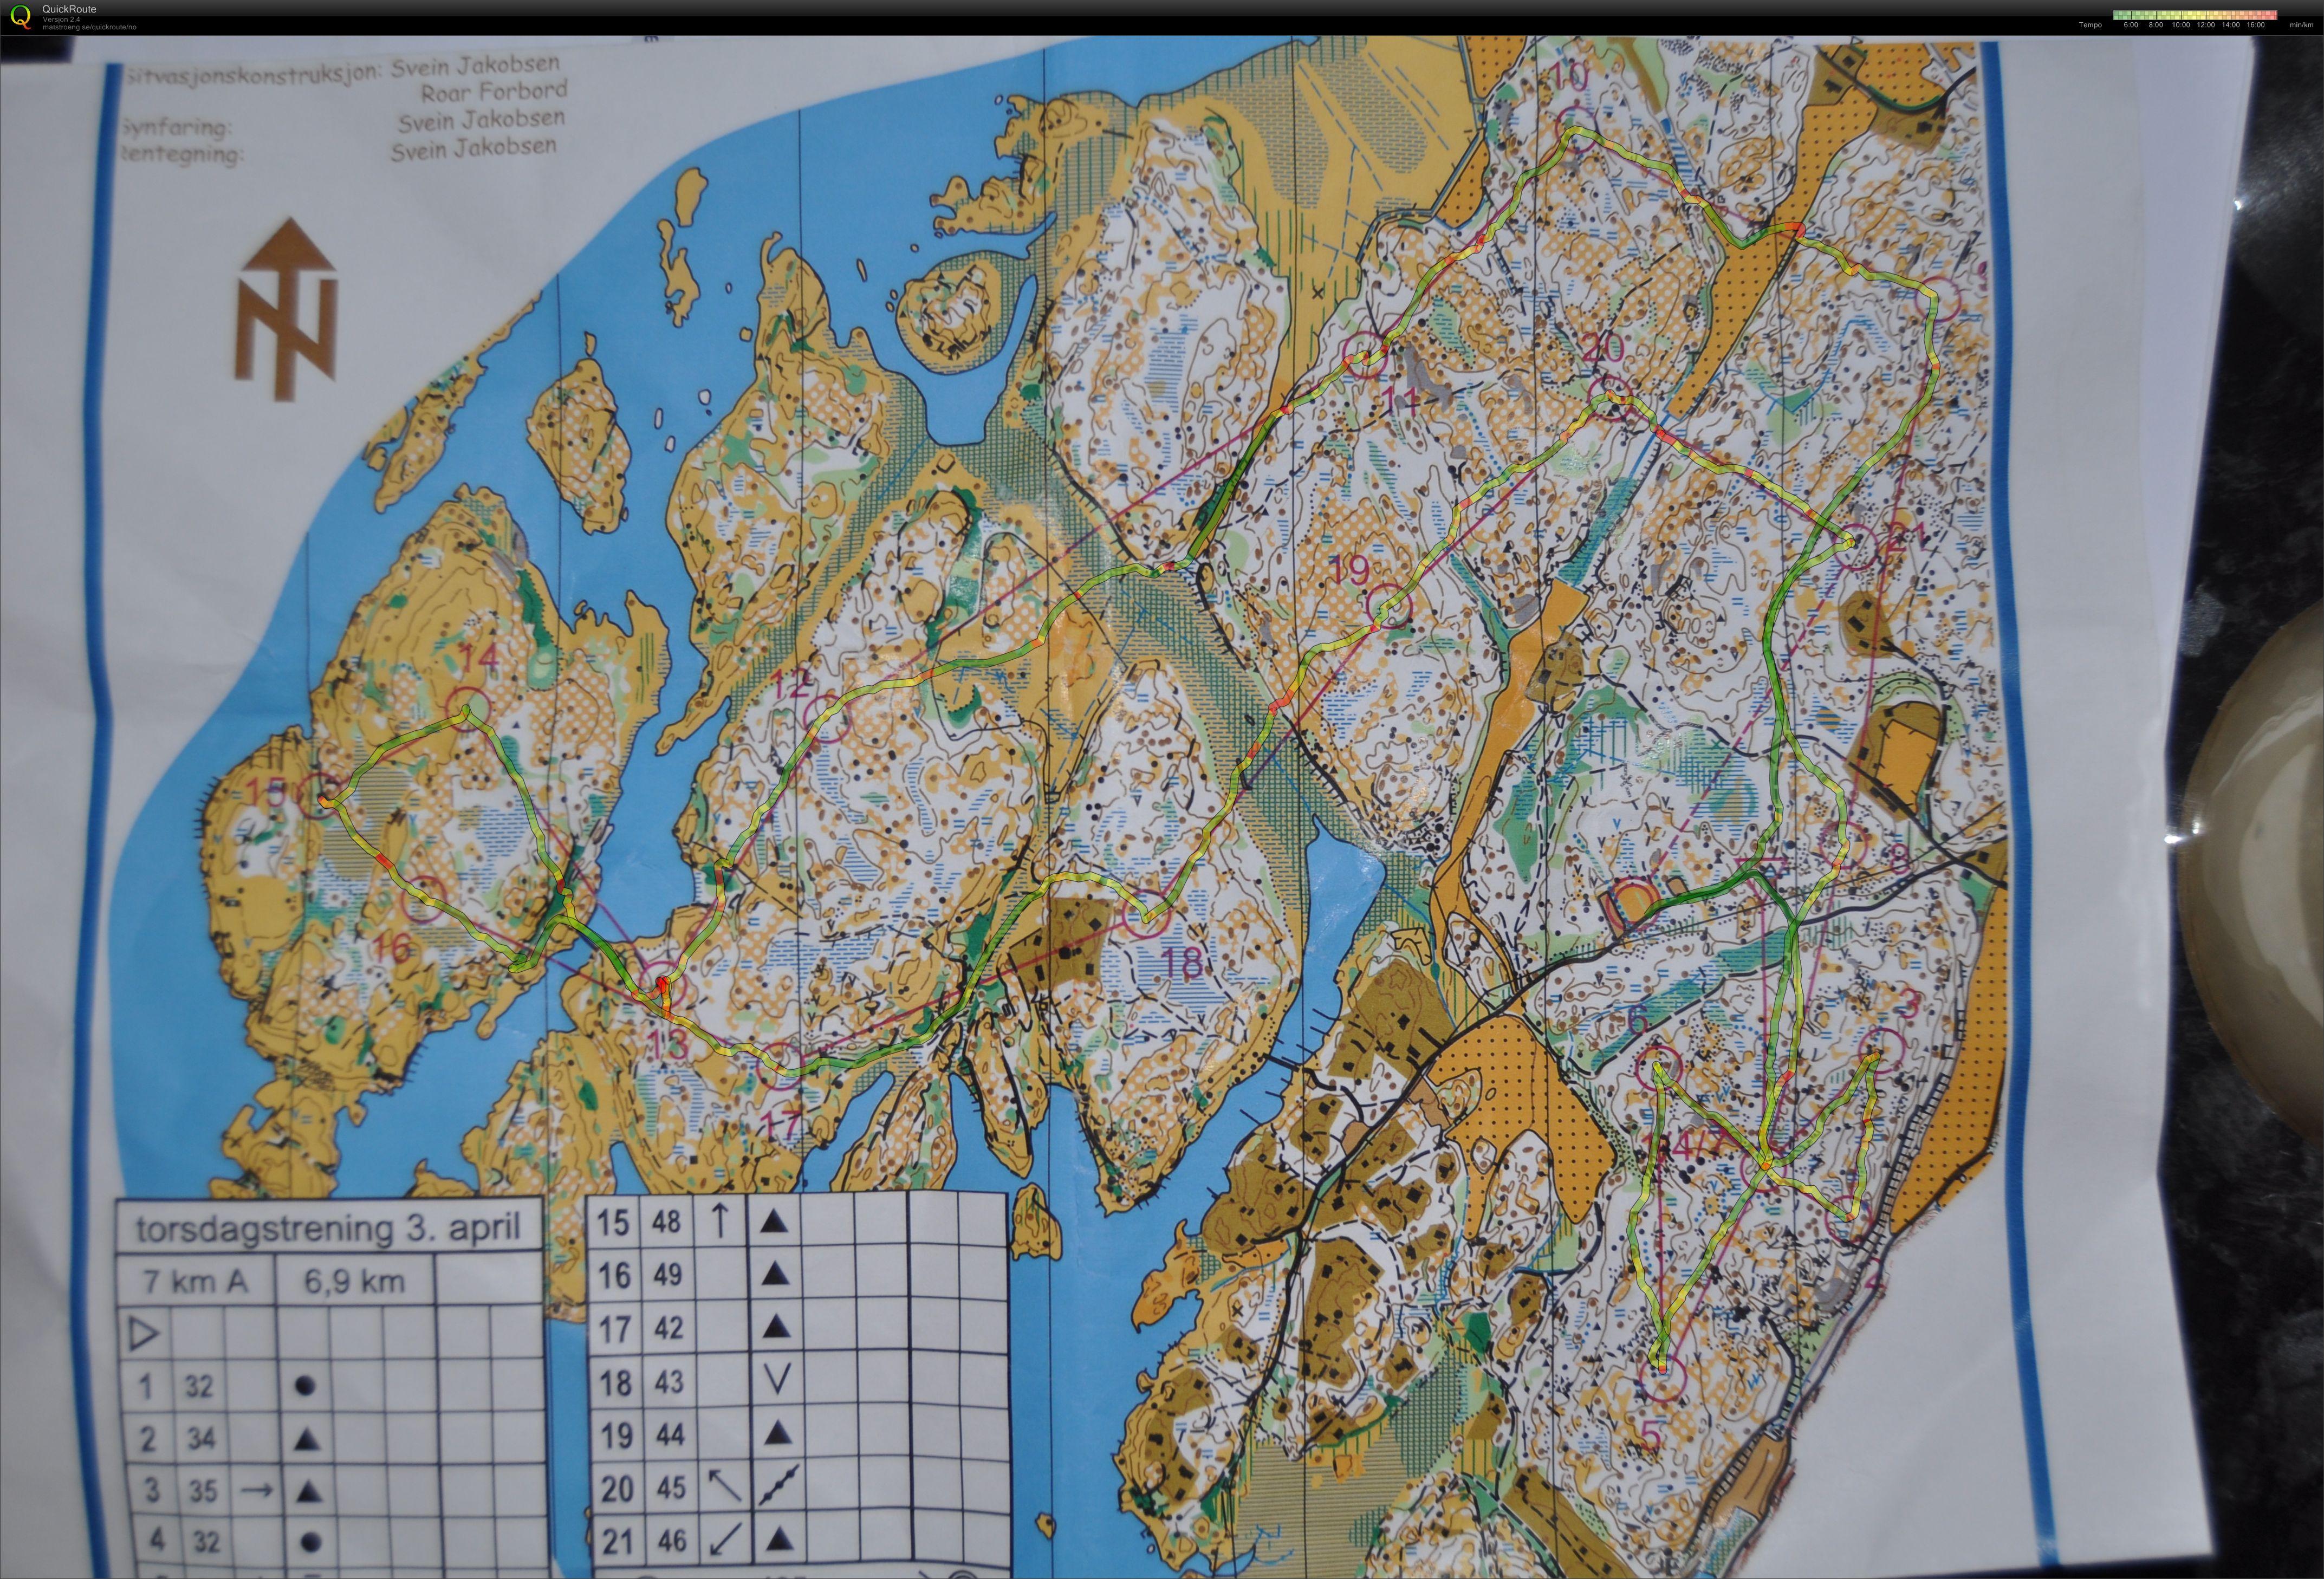 kråkerøy kart Mitt digitale veivalgsarkiv :: Torsdagstrening o teknikk (2014 04 03) kråkerøy kart